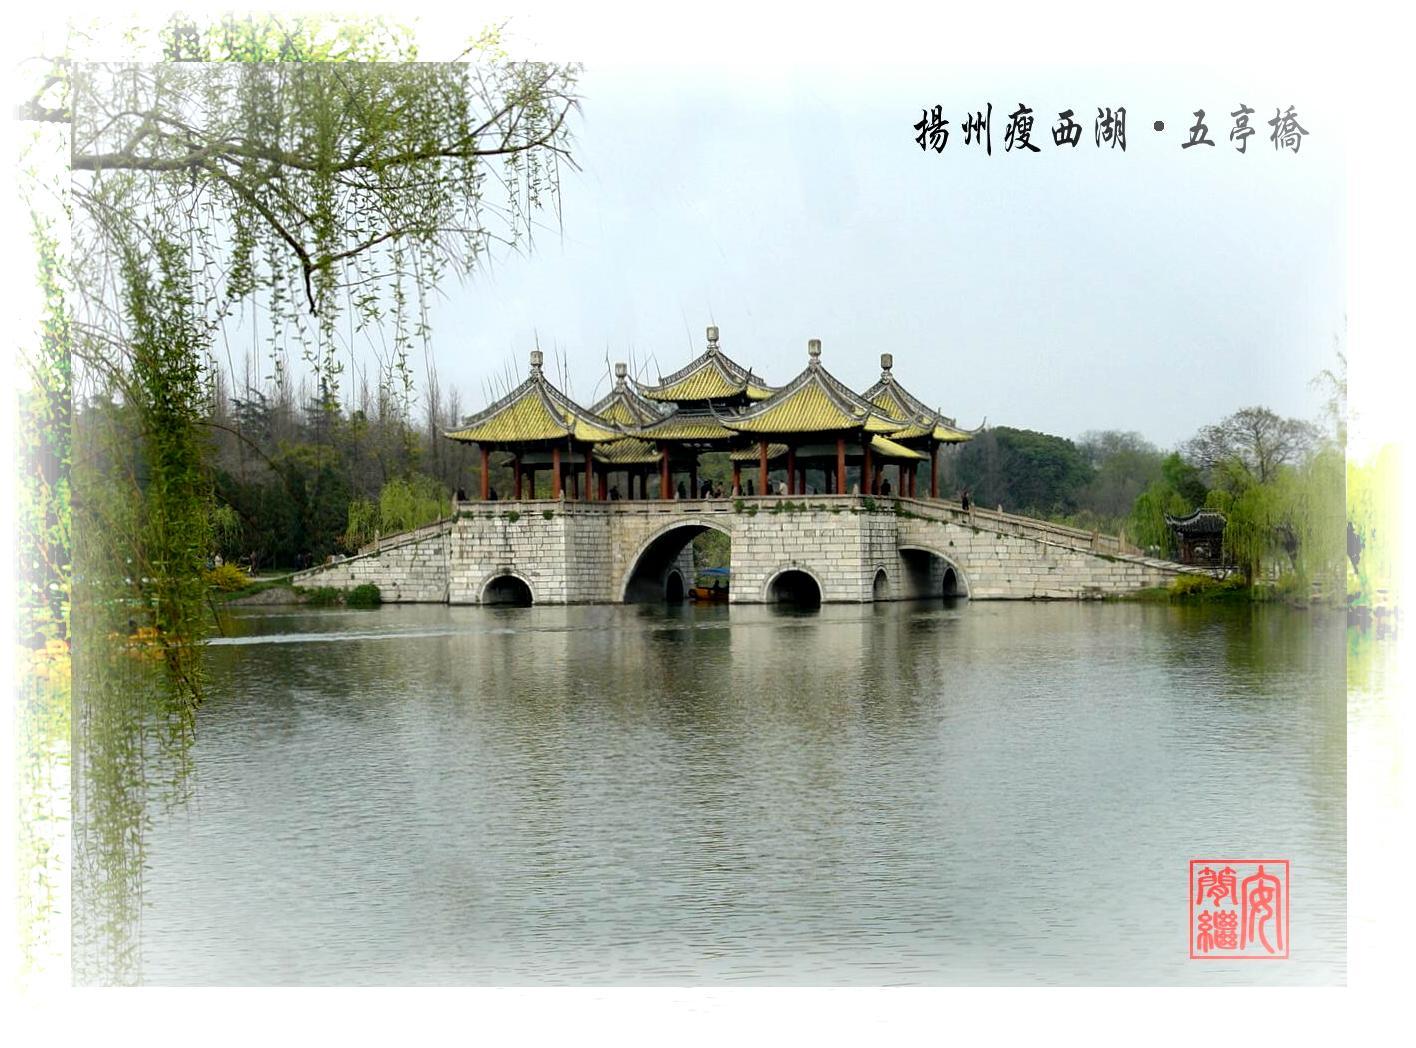 杨州旅游景点_扬州旅游攻略_扬州旅游景点_扬州旅游吃喝玩